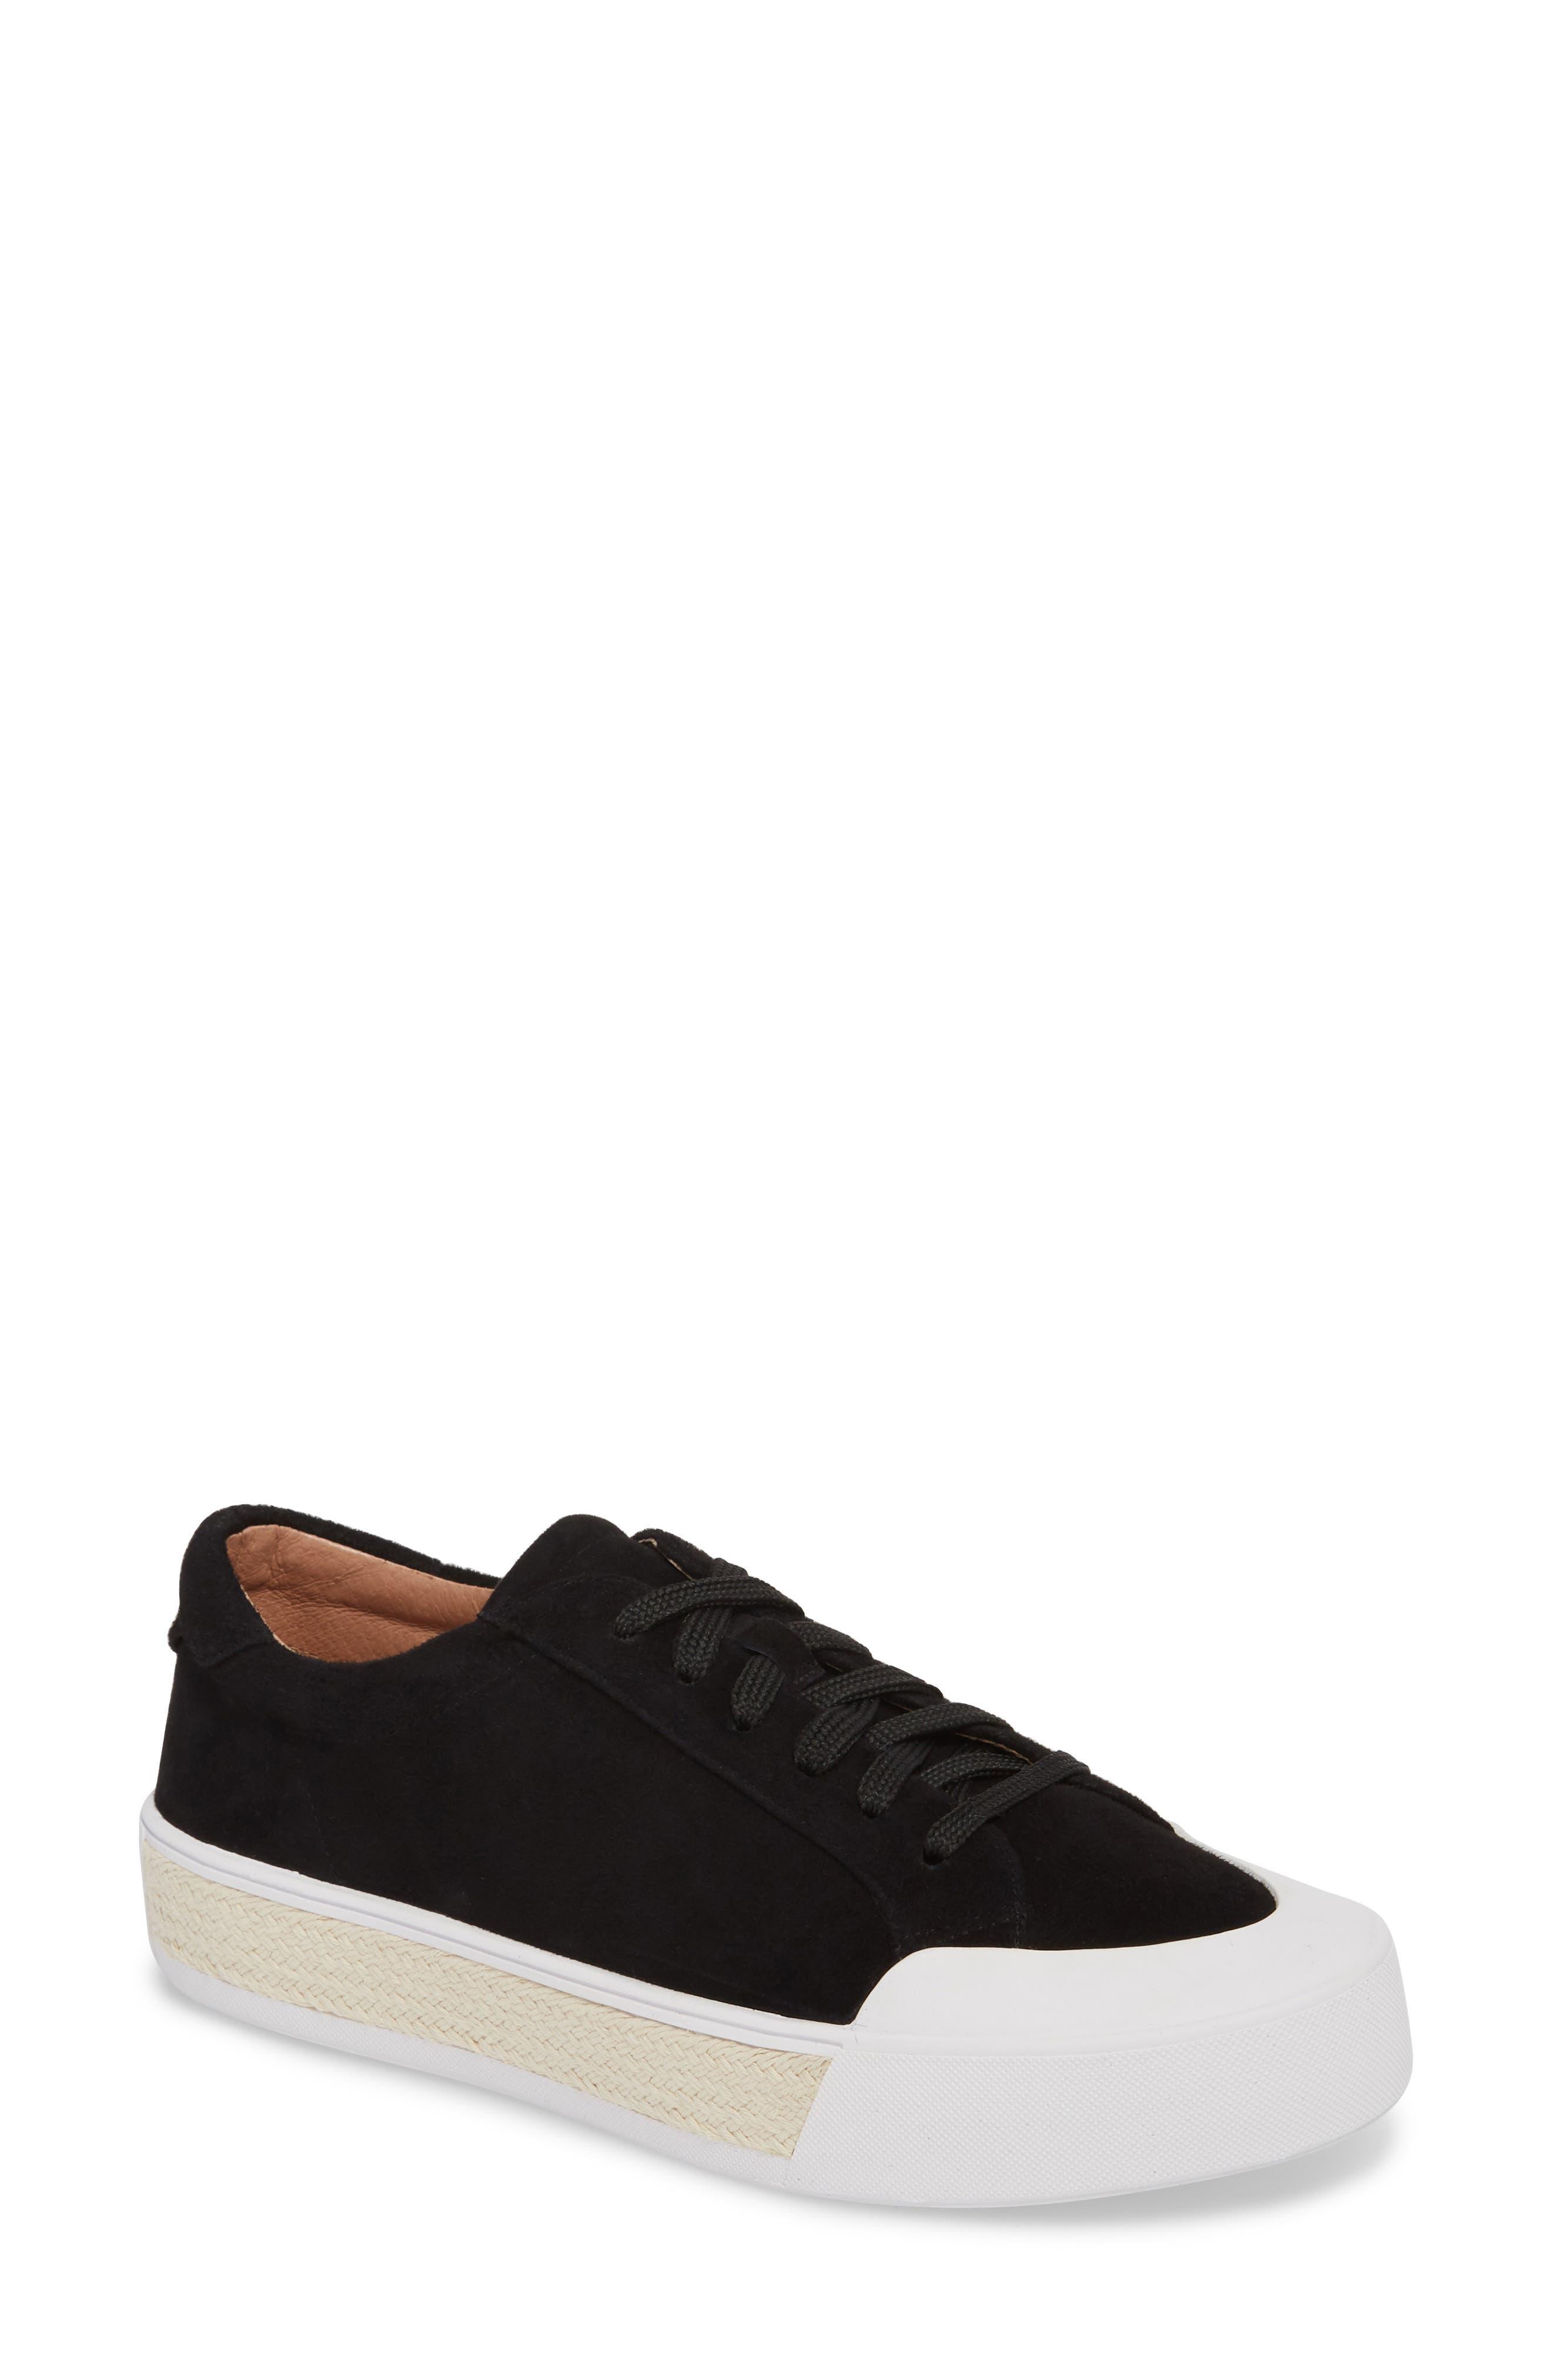 Toran Platform Sneaker,                             Main thumbnail 1, color,                             BLACK SUEDE